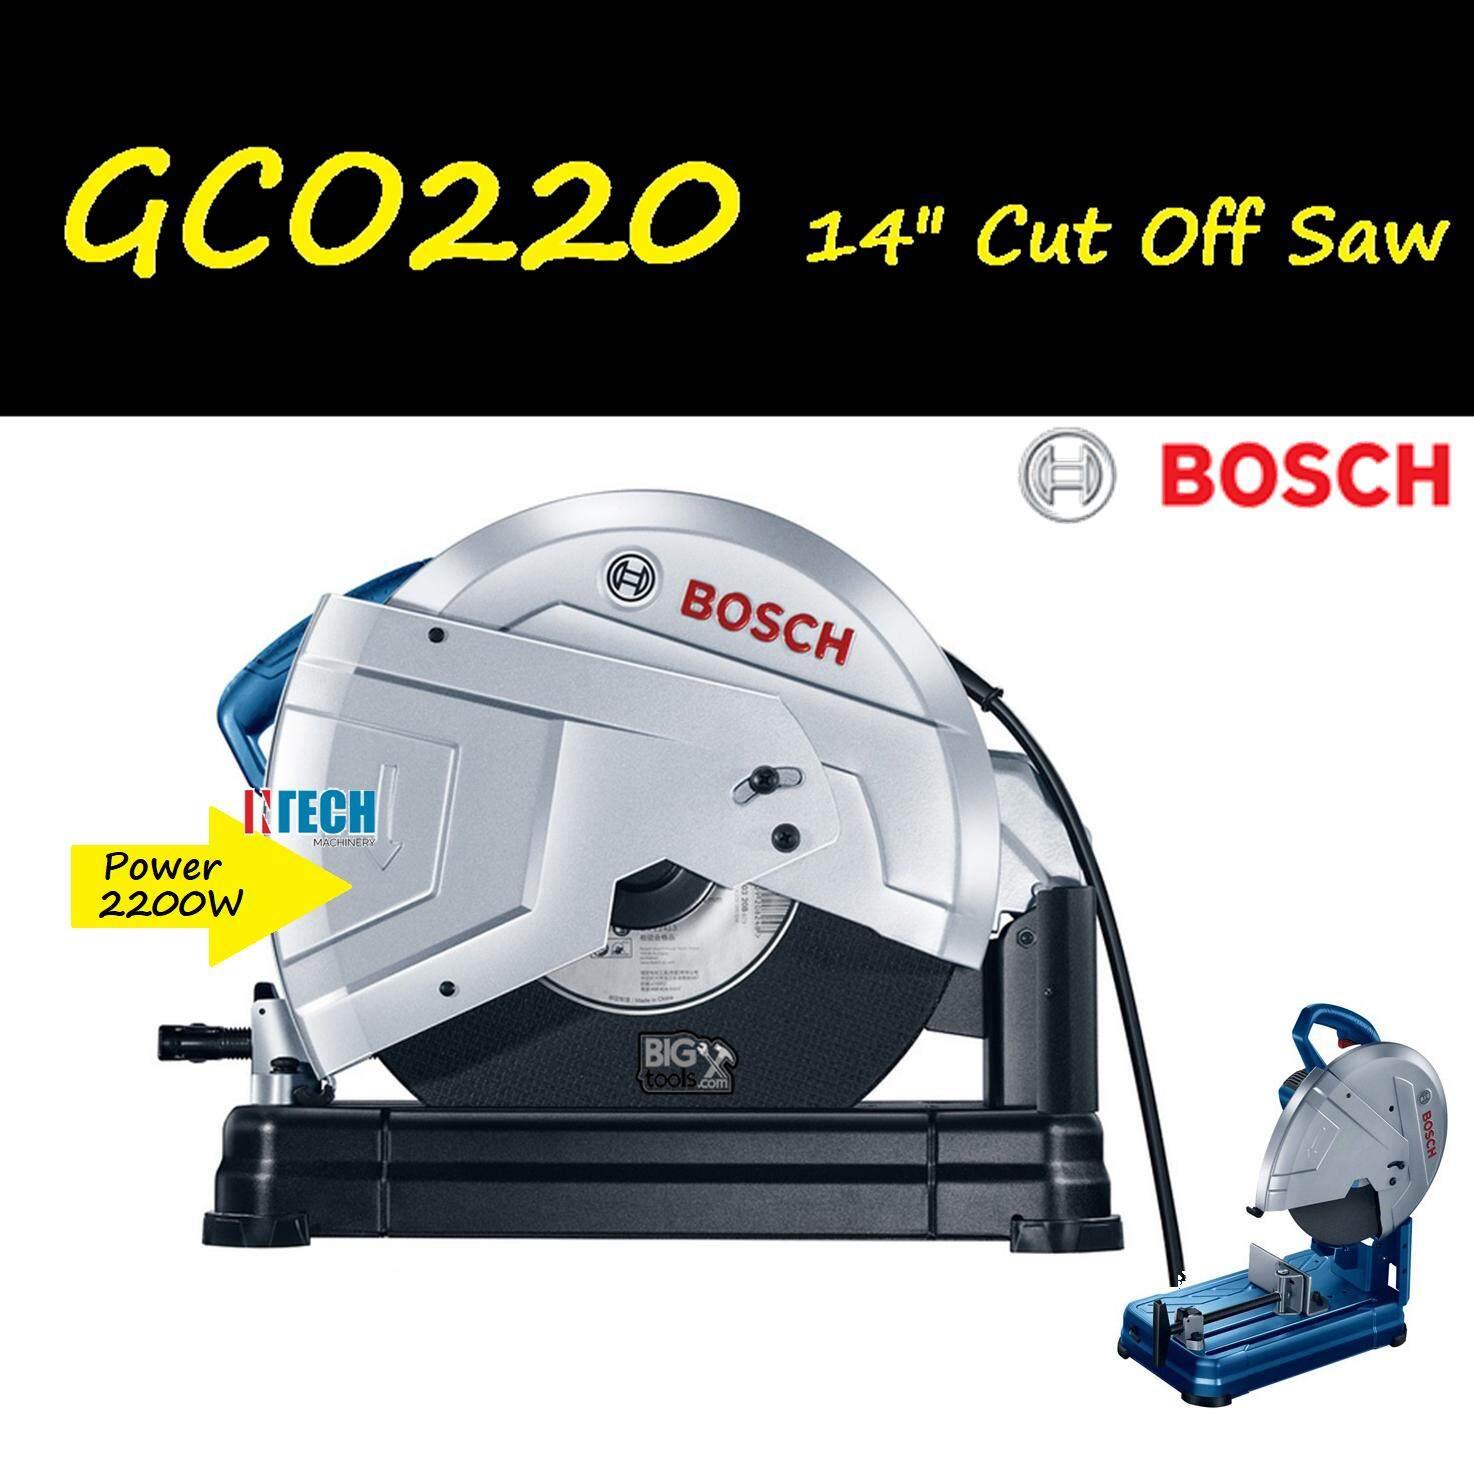 BOSCH GCO220 METAL CUT OFF GRINDER